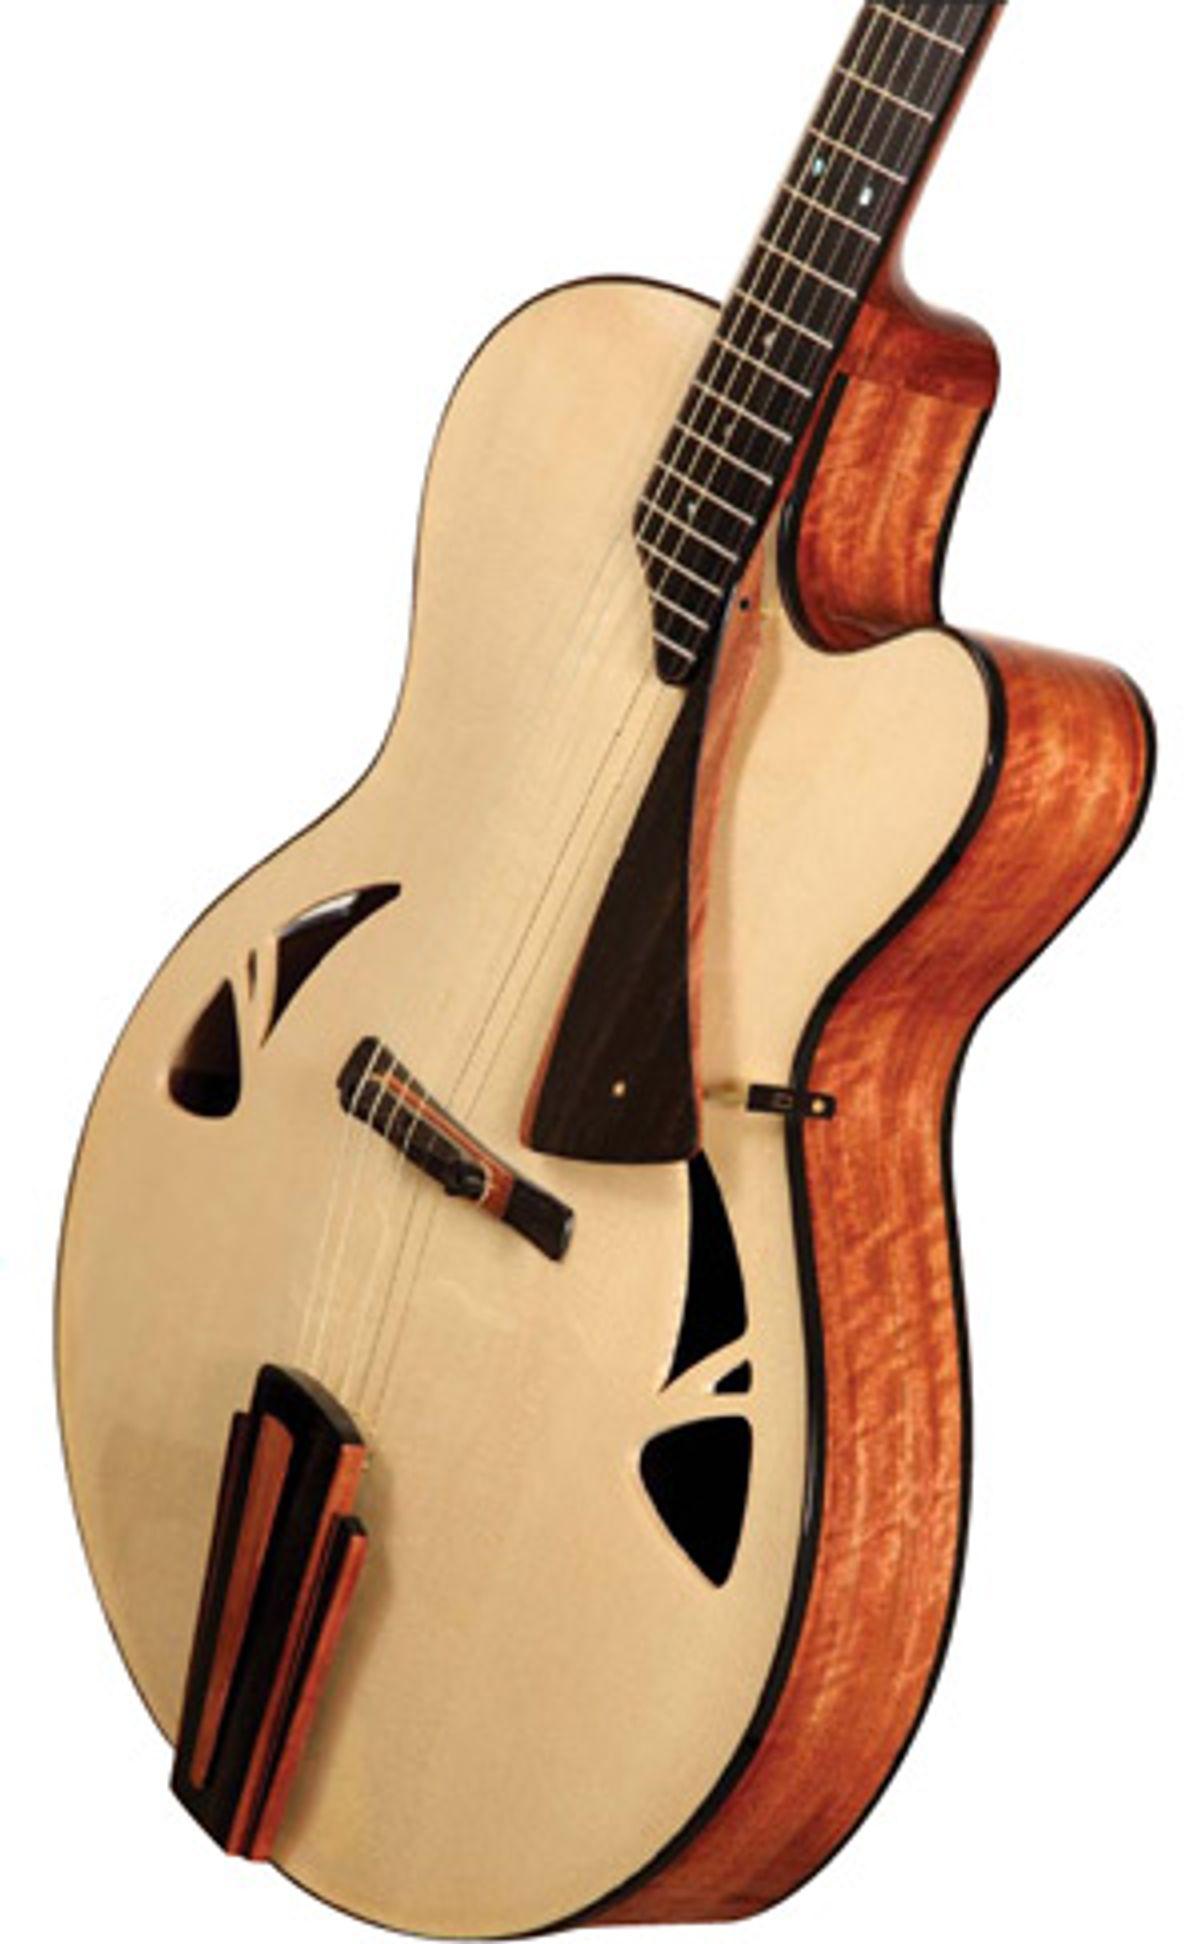 Artinger Custom Guitars